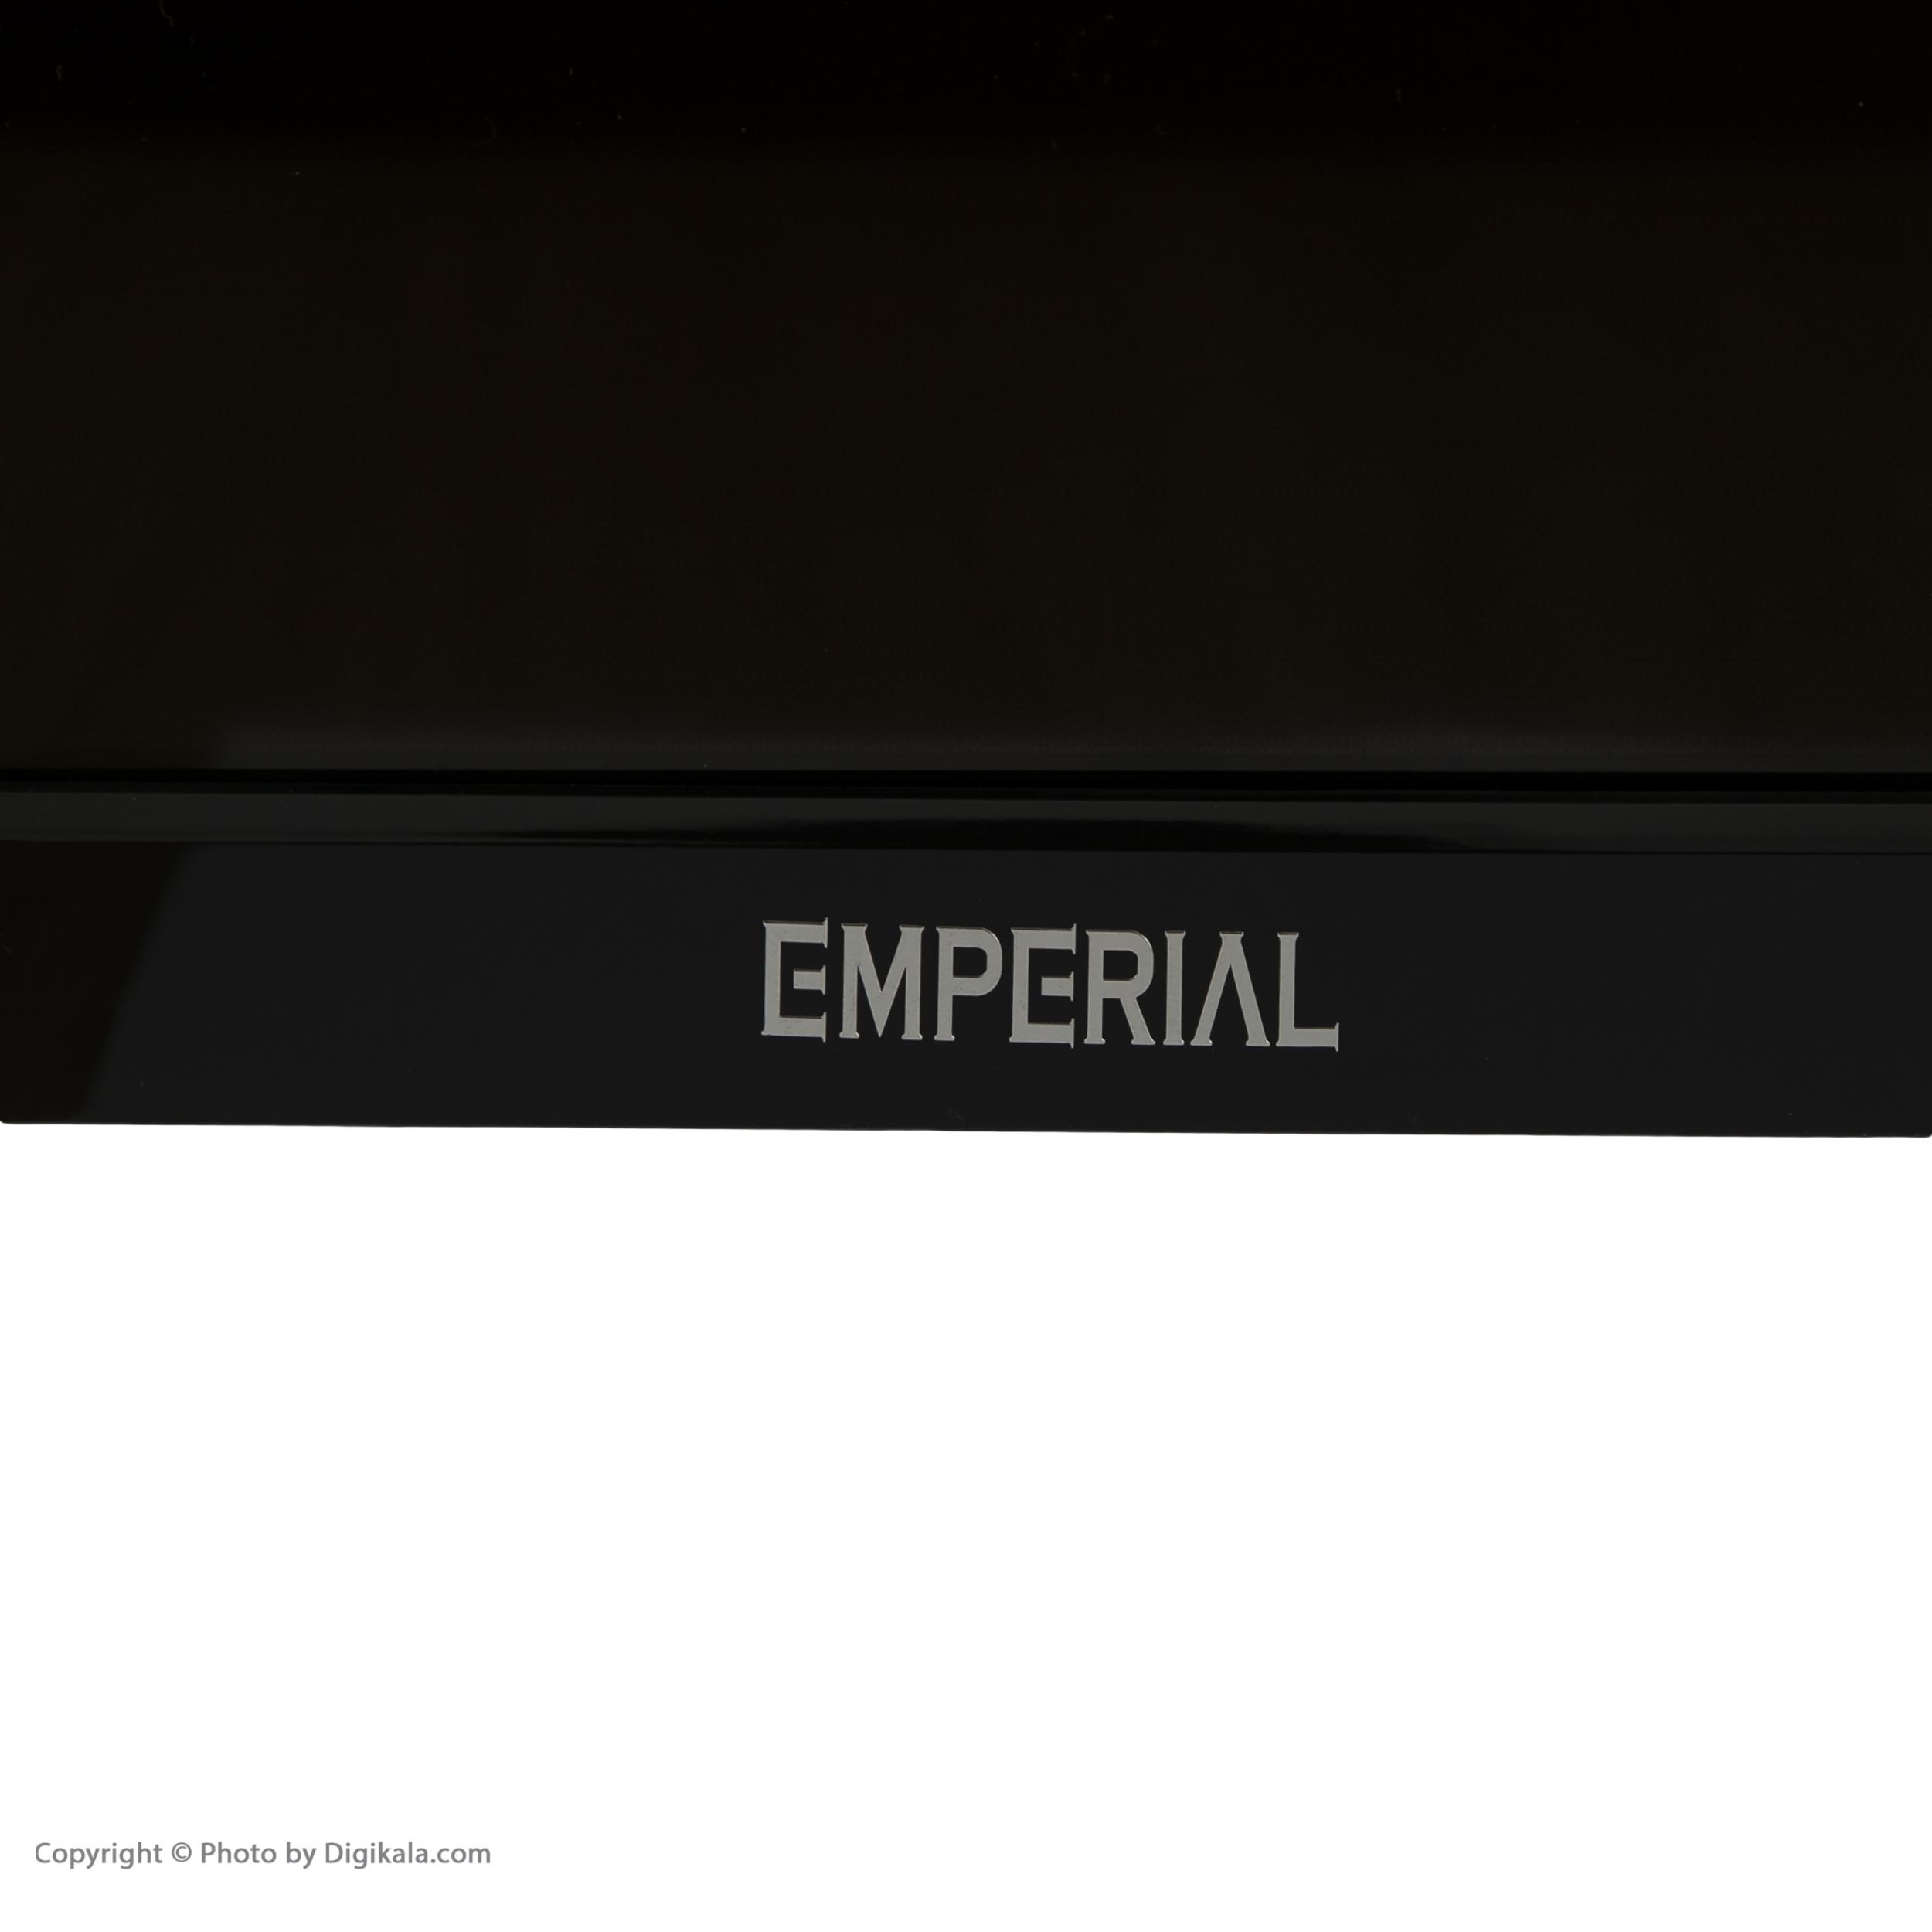 تلویزیون ال ای دی هوشمند امپریال مدل EM-6580 سایز 65 اینچ